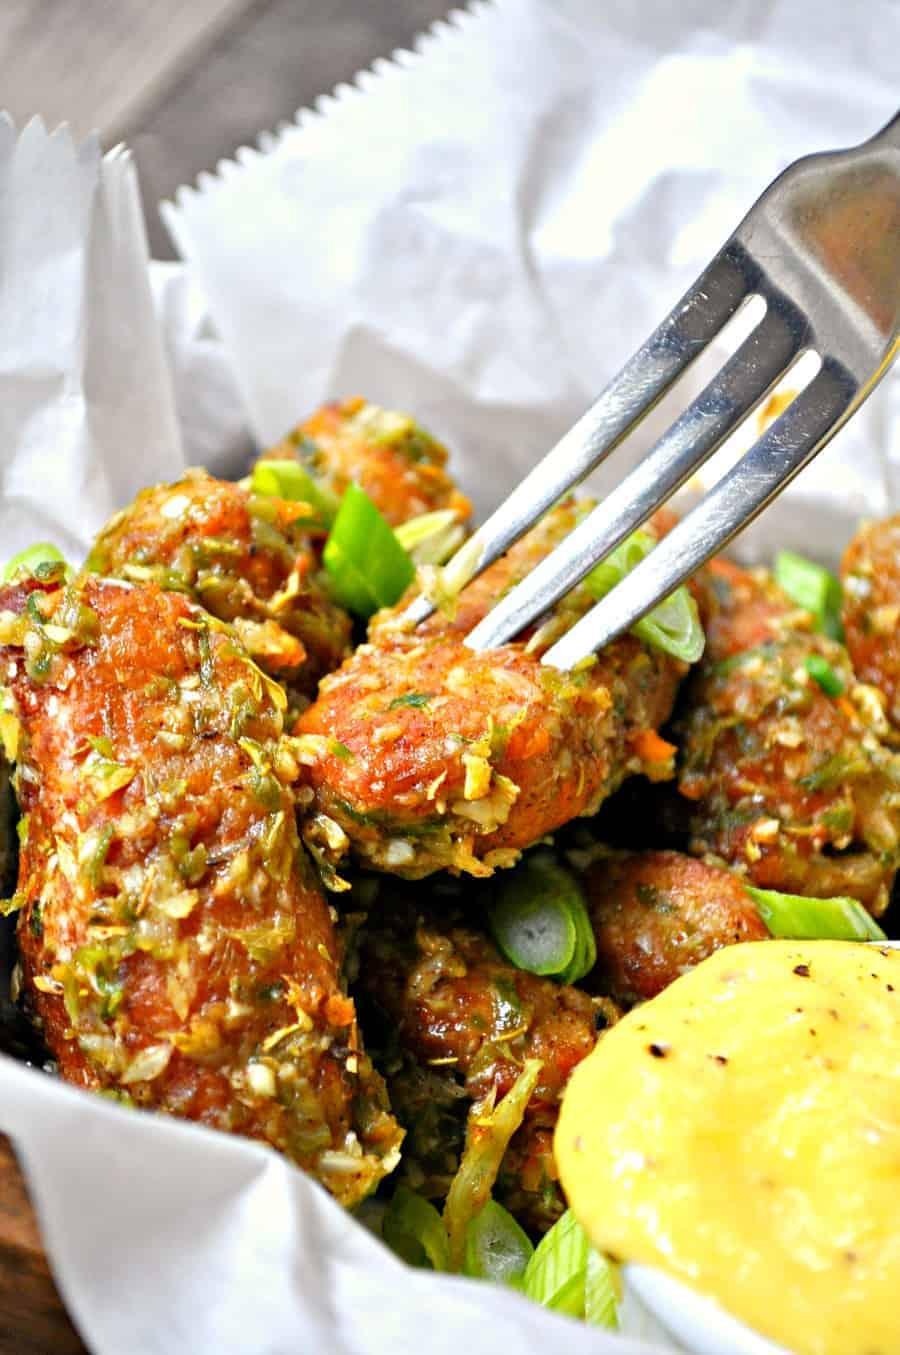 Vegan Jerk Chickpea Wings with Sweet Mango Dip